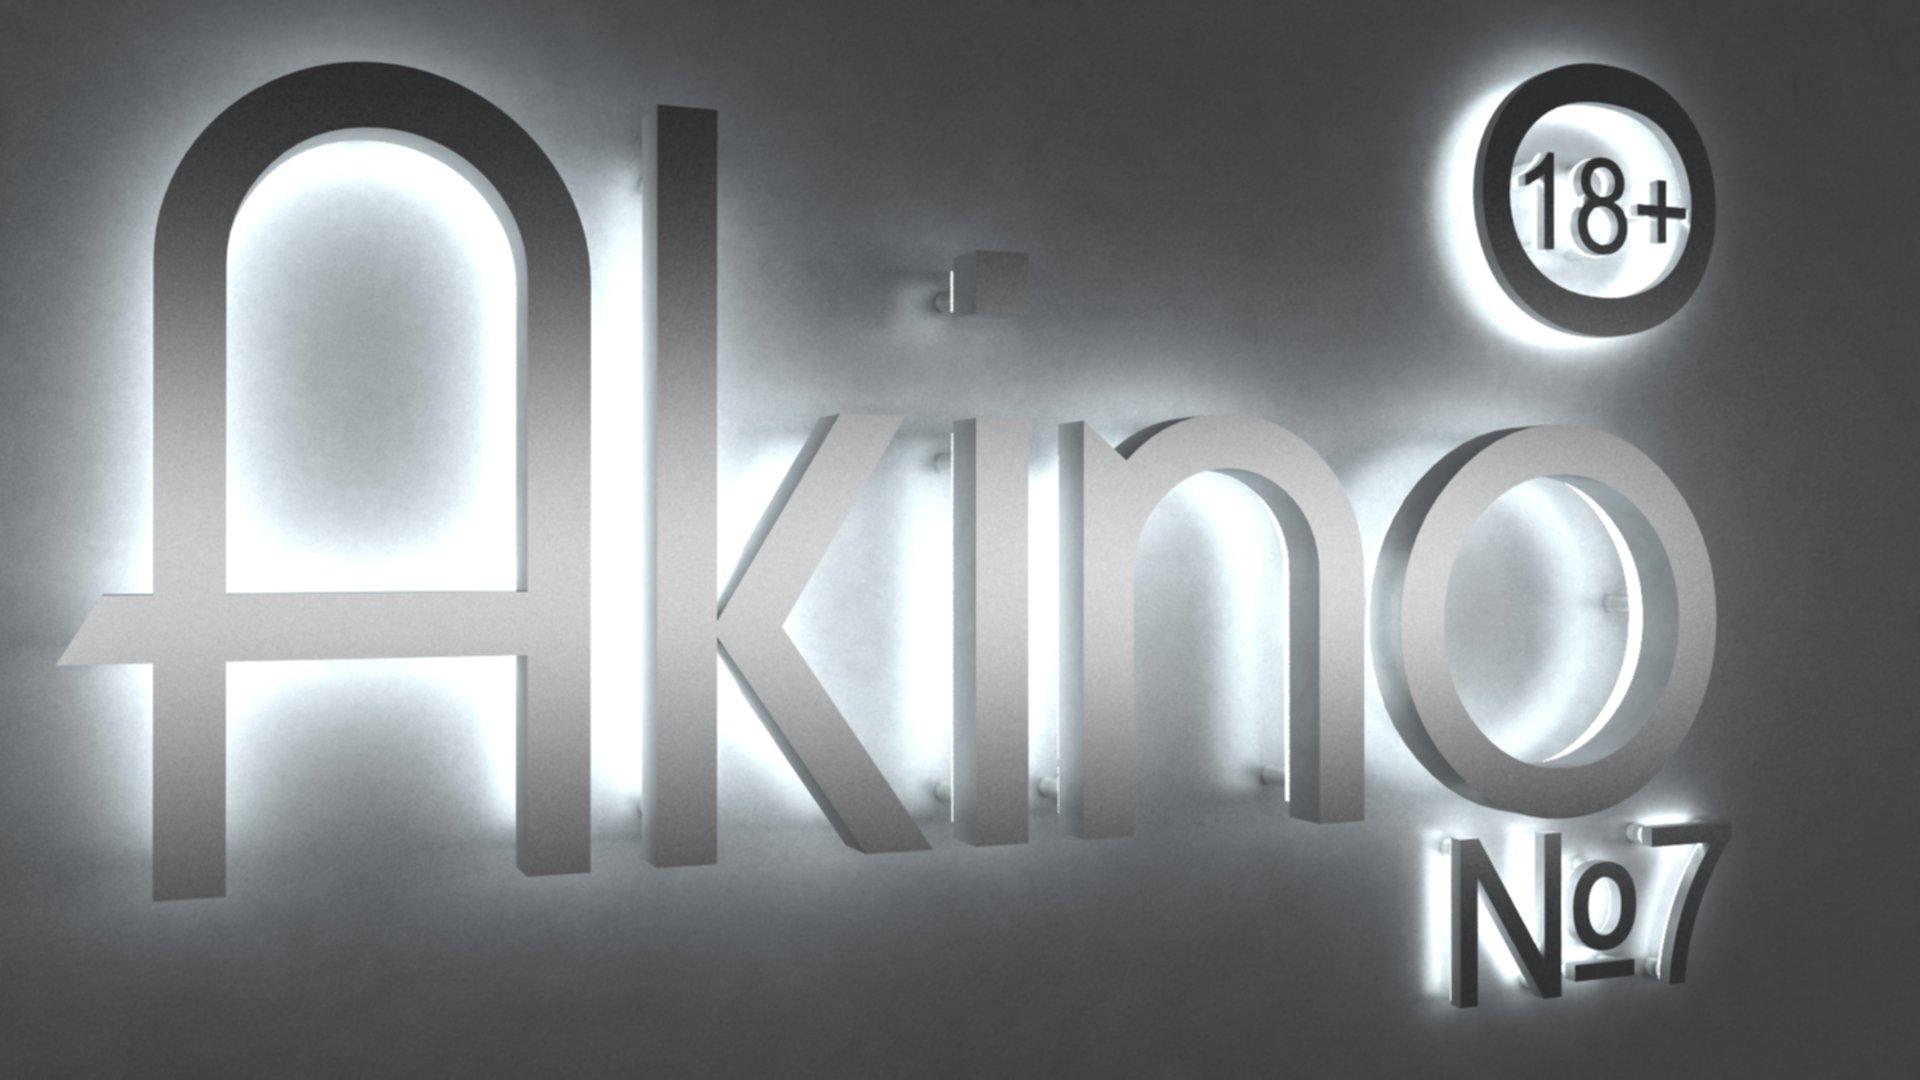 Подкаст AkiNO Выпуск № 7 (18+) - Изображение 2